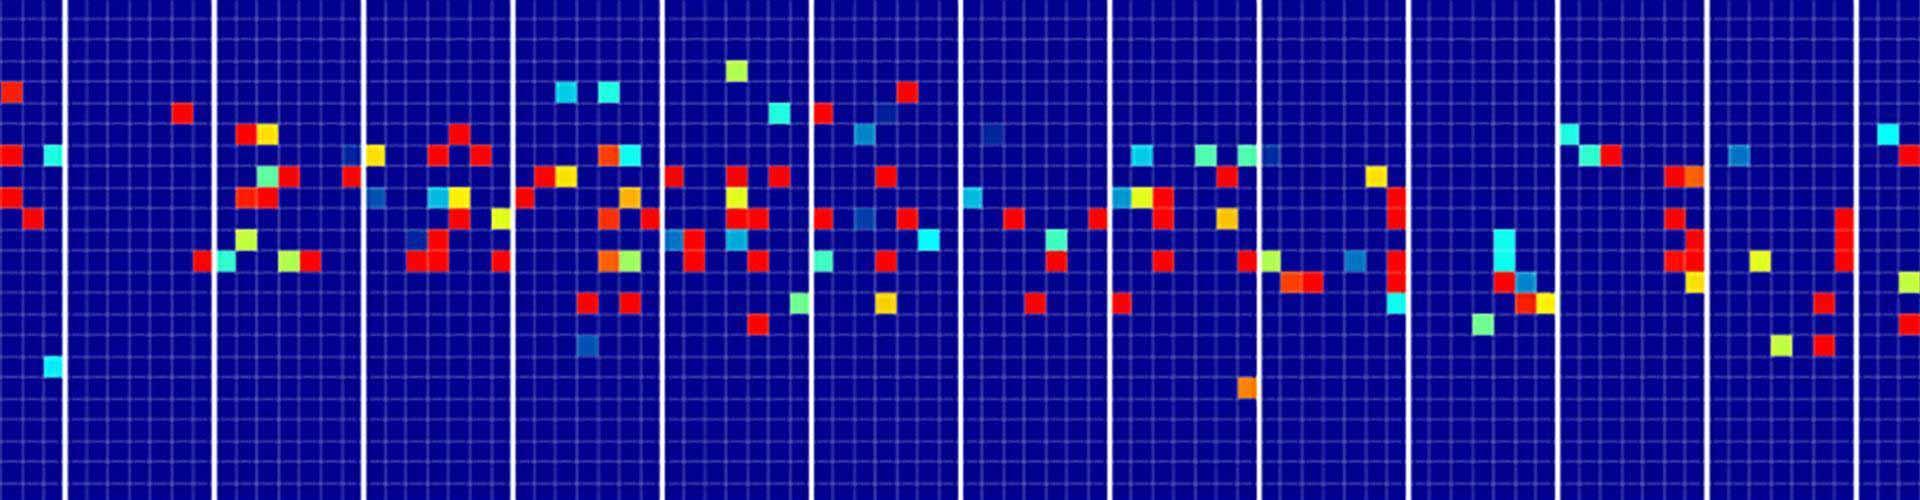 Study data in a complex graph